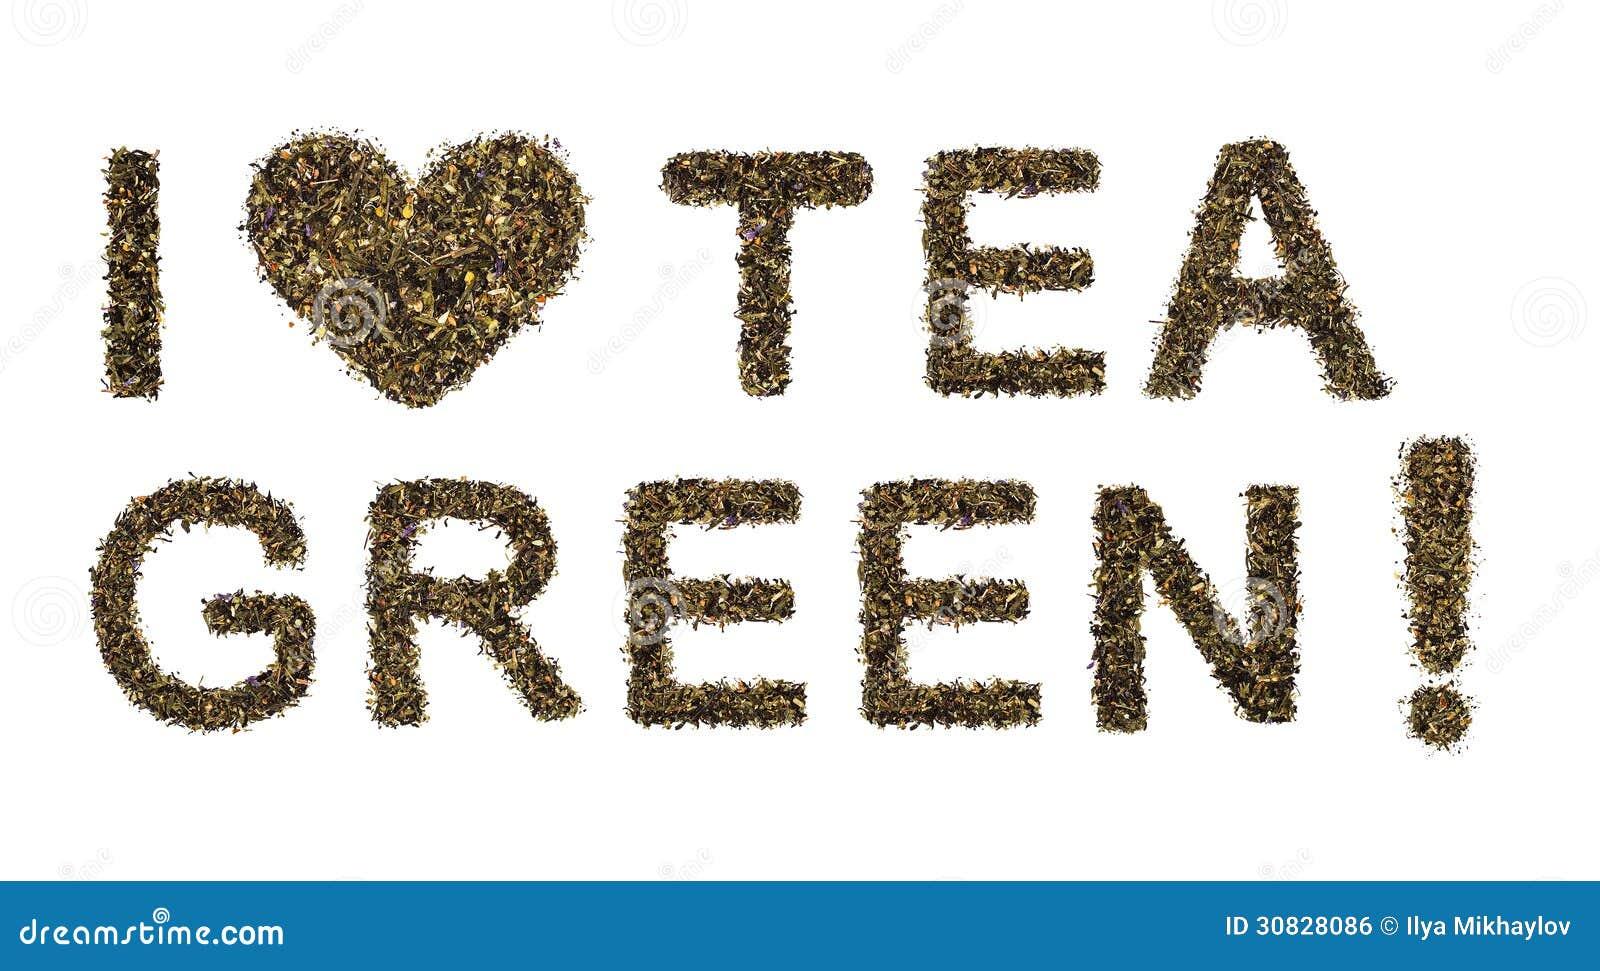 Amo il tè verde